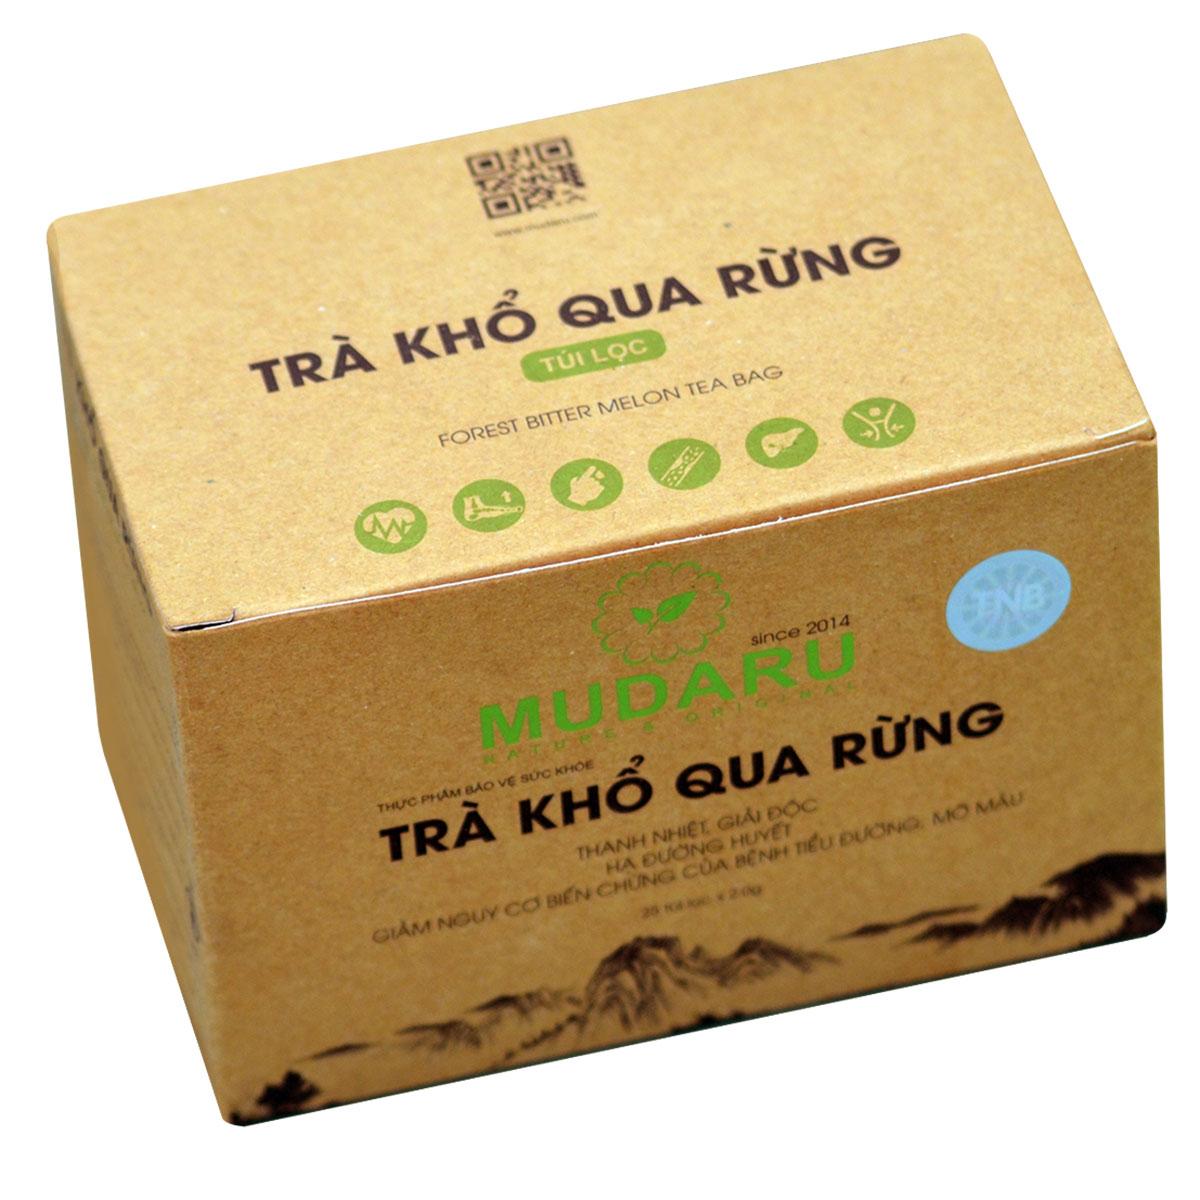 Forest Bitter Melon Tea bag